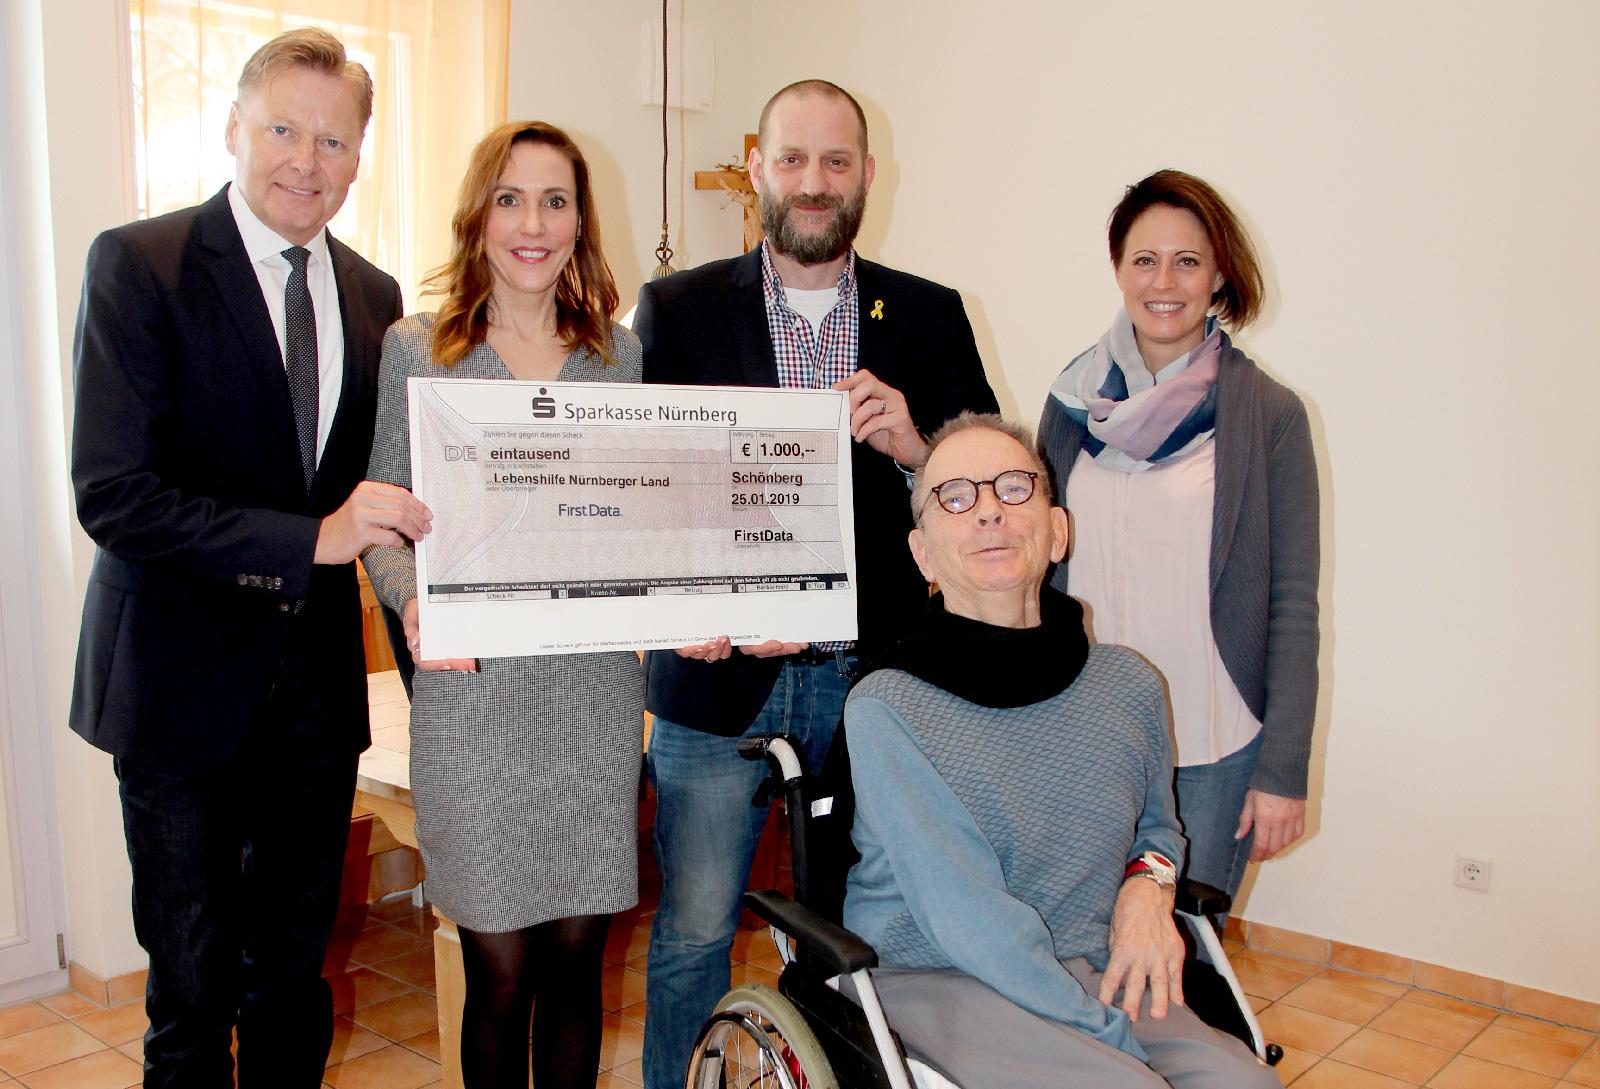 FirstData-Mitarbeiter sammelten bei einer privaten Feier 1000 Euro zu Gunsten Senioren mit Behinderung der Lebenshilfe Nürnberger Land.